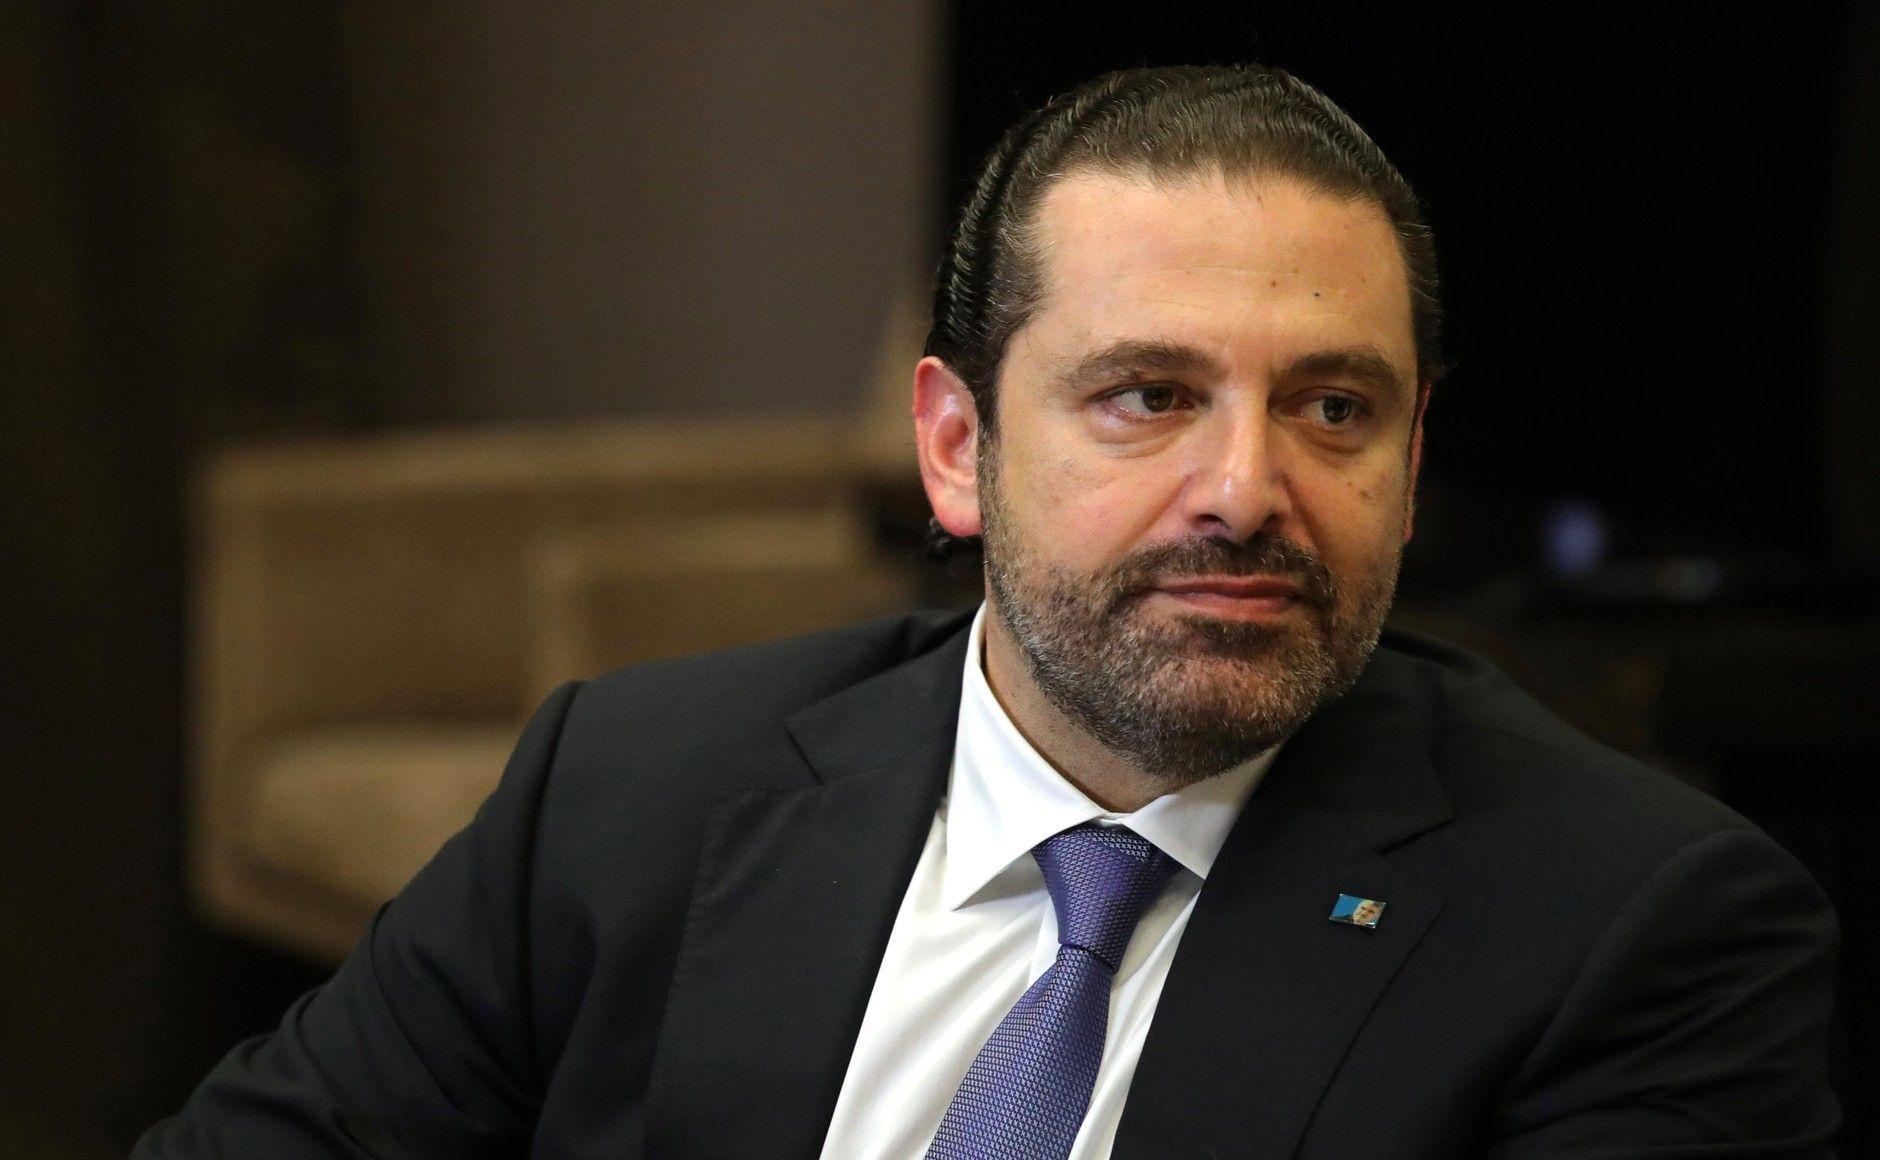 Premierul libanez Saad al-Hariri: Libanul nu poate face nimic în privinţa organizaţiei Hezbollah